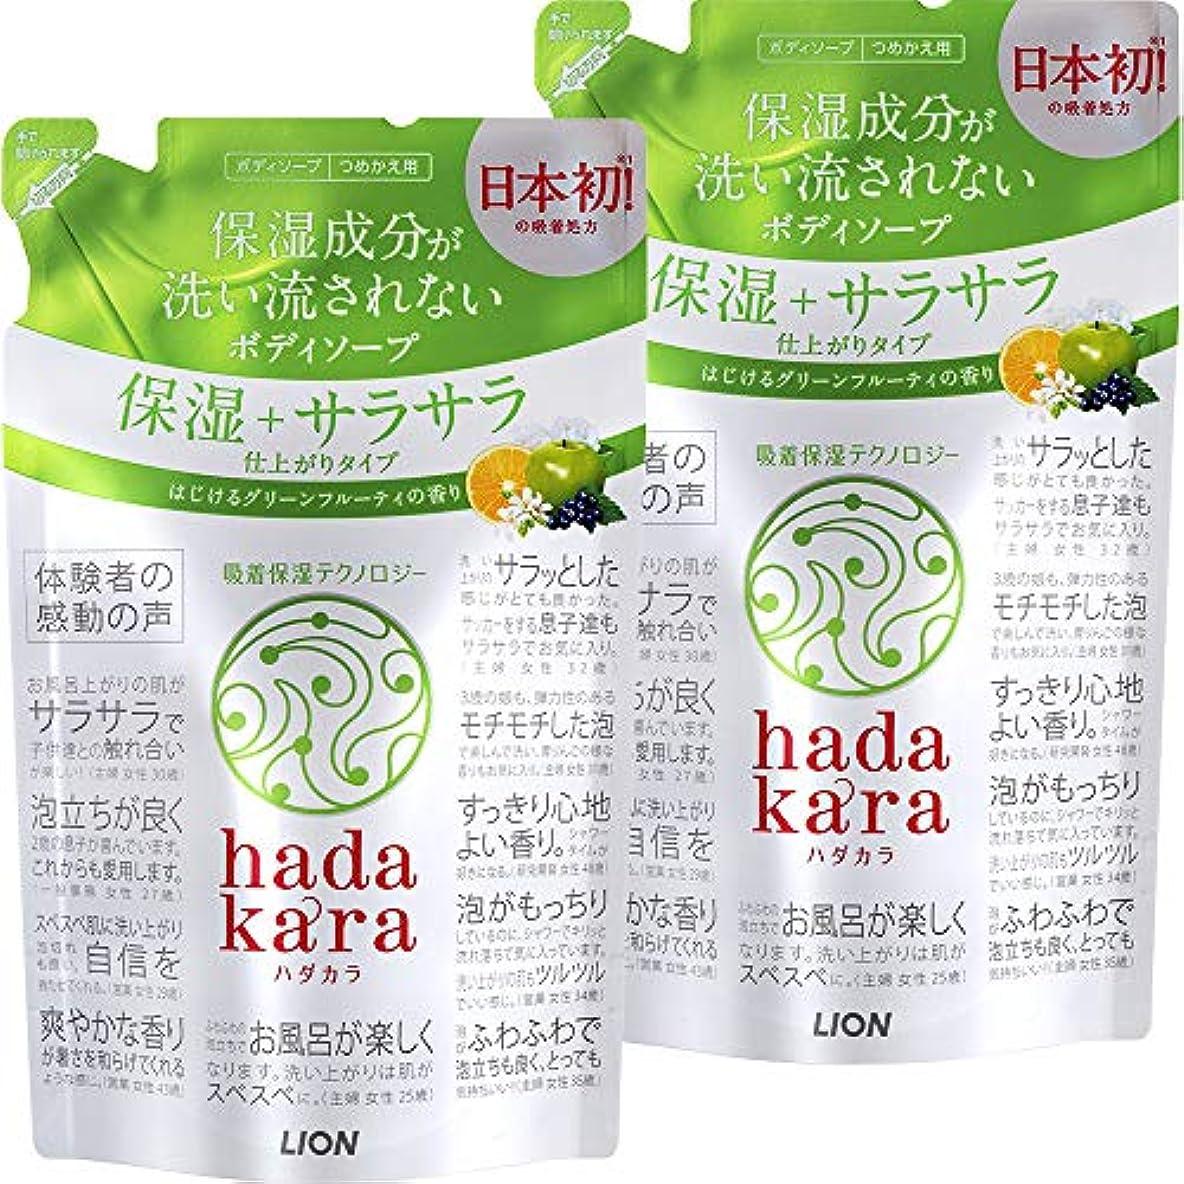 グレード韓国語書き込み【まとめ買い】hadakara(ハダカラ) ボディソープ 保湿+サラサラ仕上がりタイプ グリーンフルーティの香り 詰め替え 340ml×2個パック